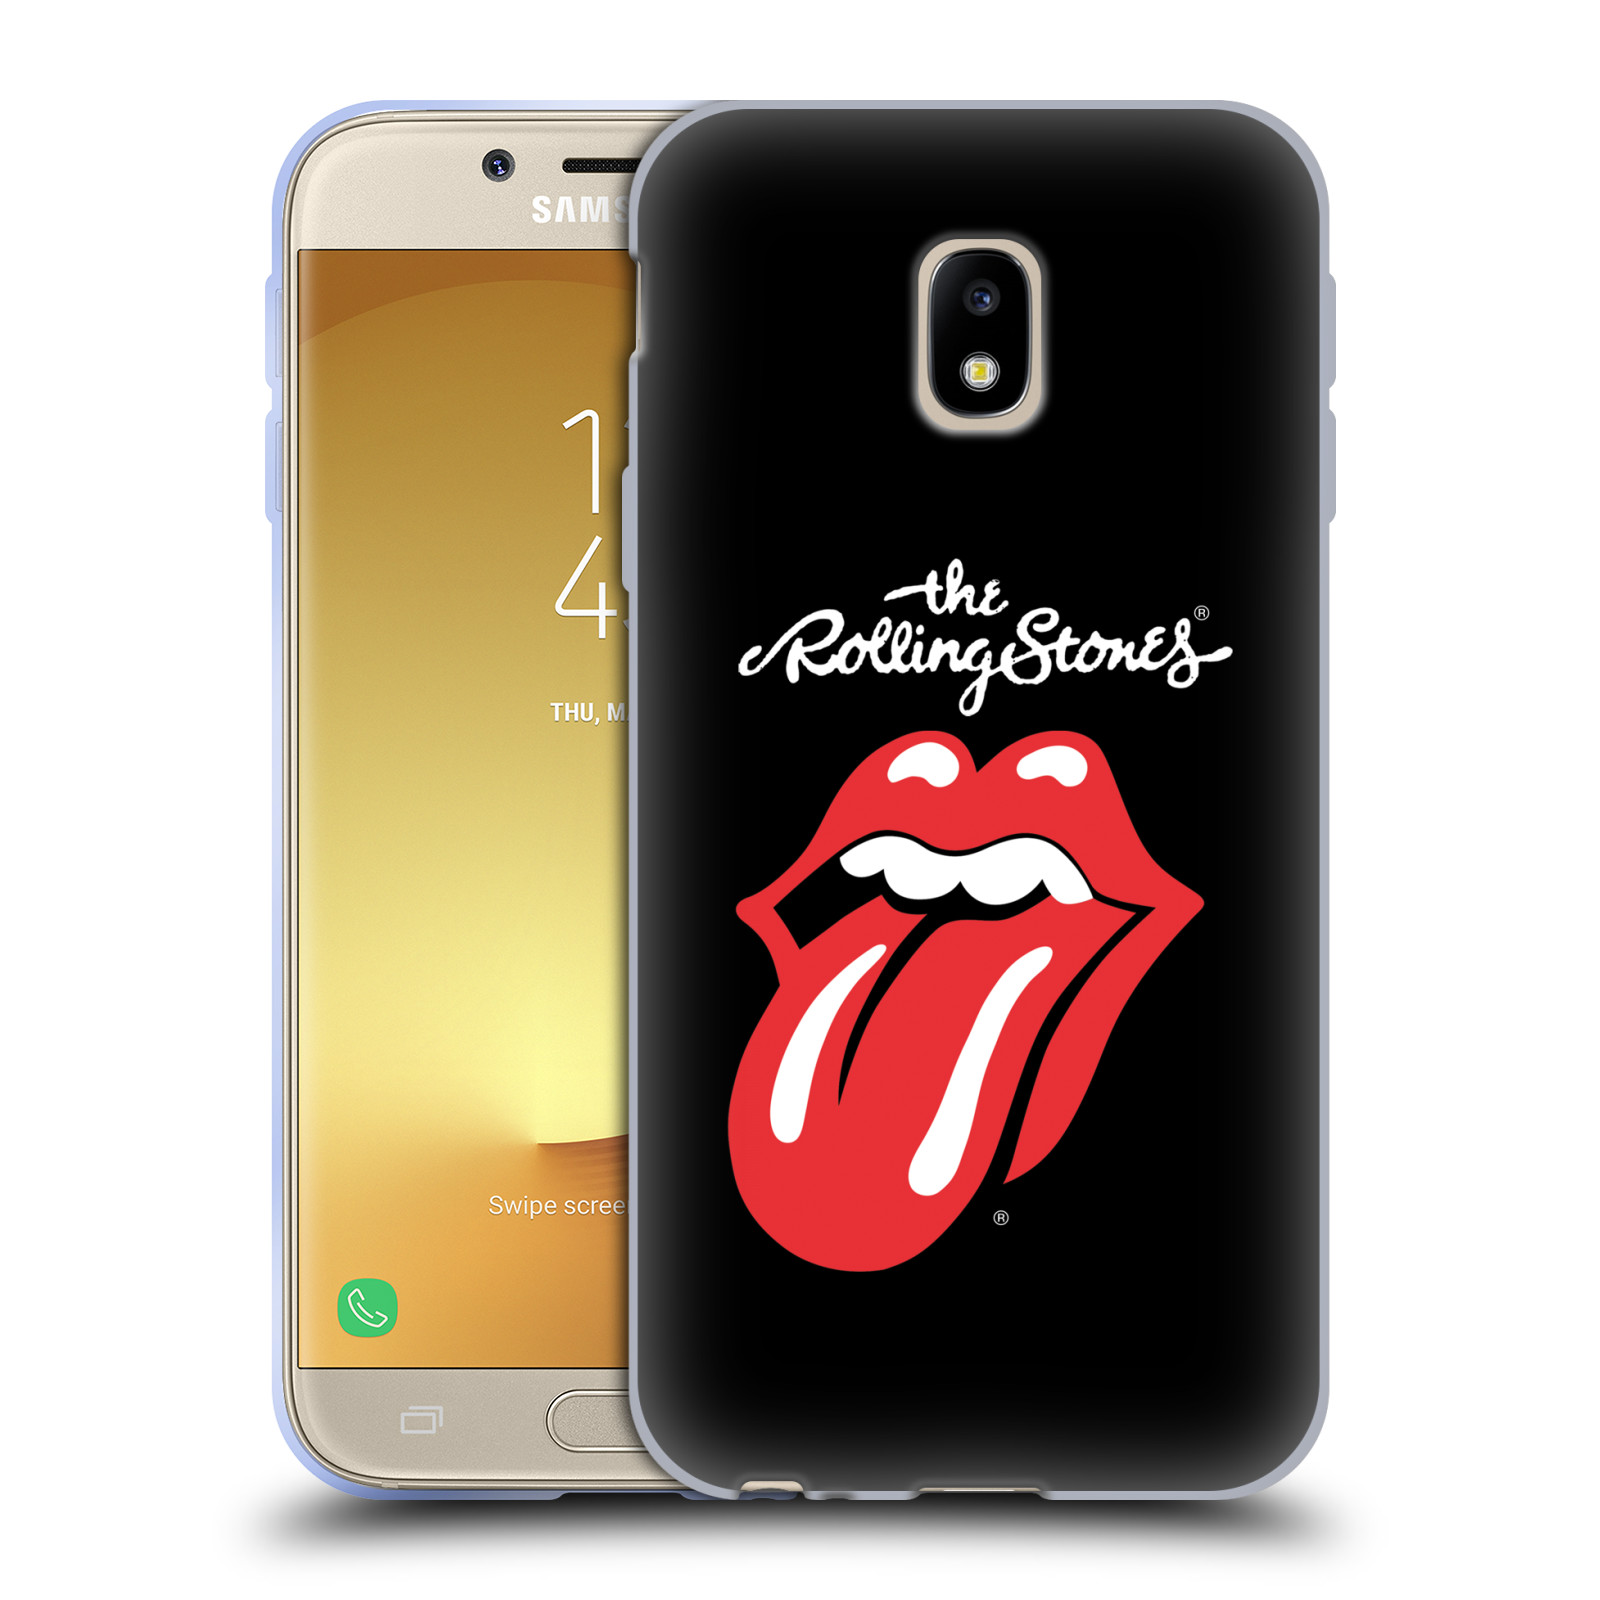 HEAD CASE silikonový obal na mobil Samsung Galaxy J3 2017 (J330, J330F) rocková skupina Rolling Stones znak černá a červená